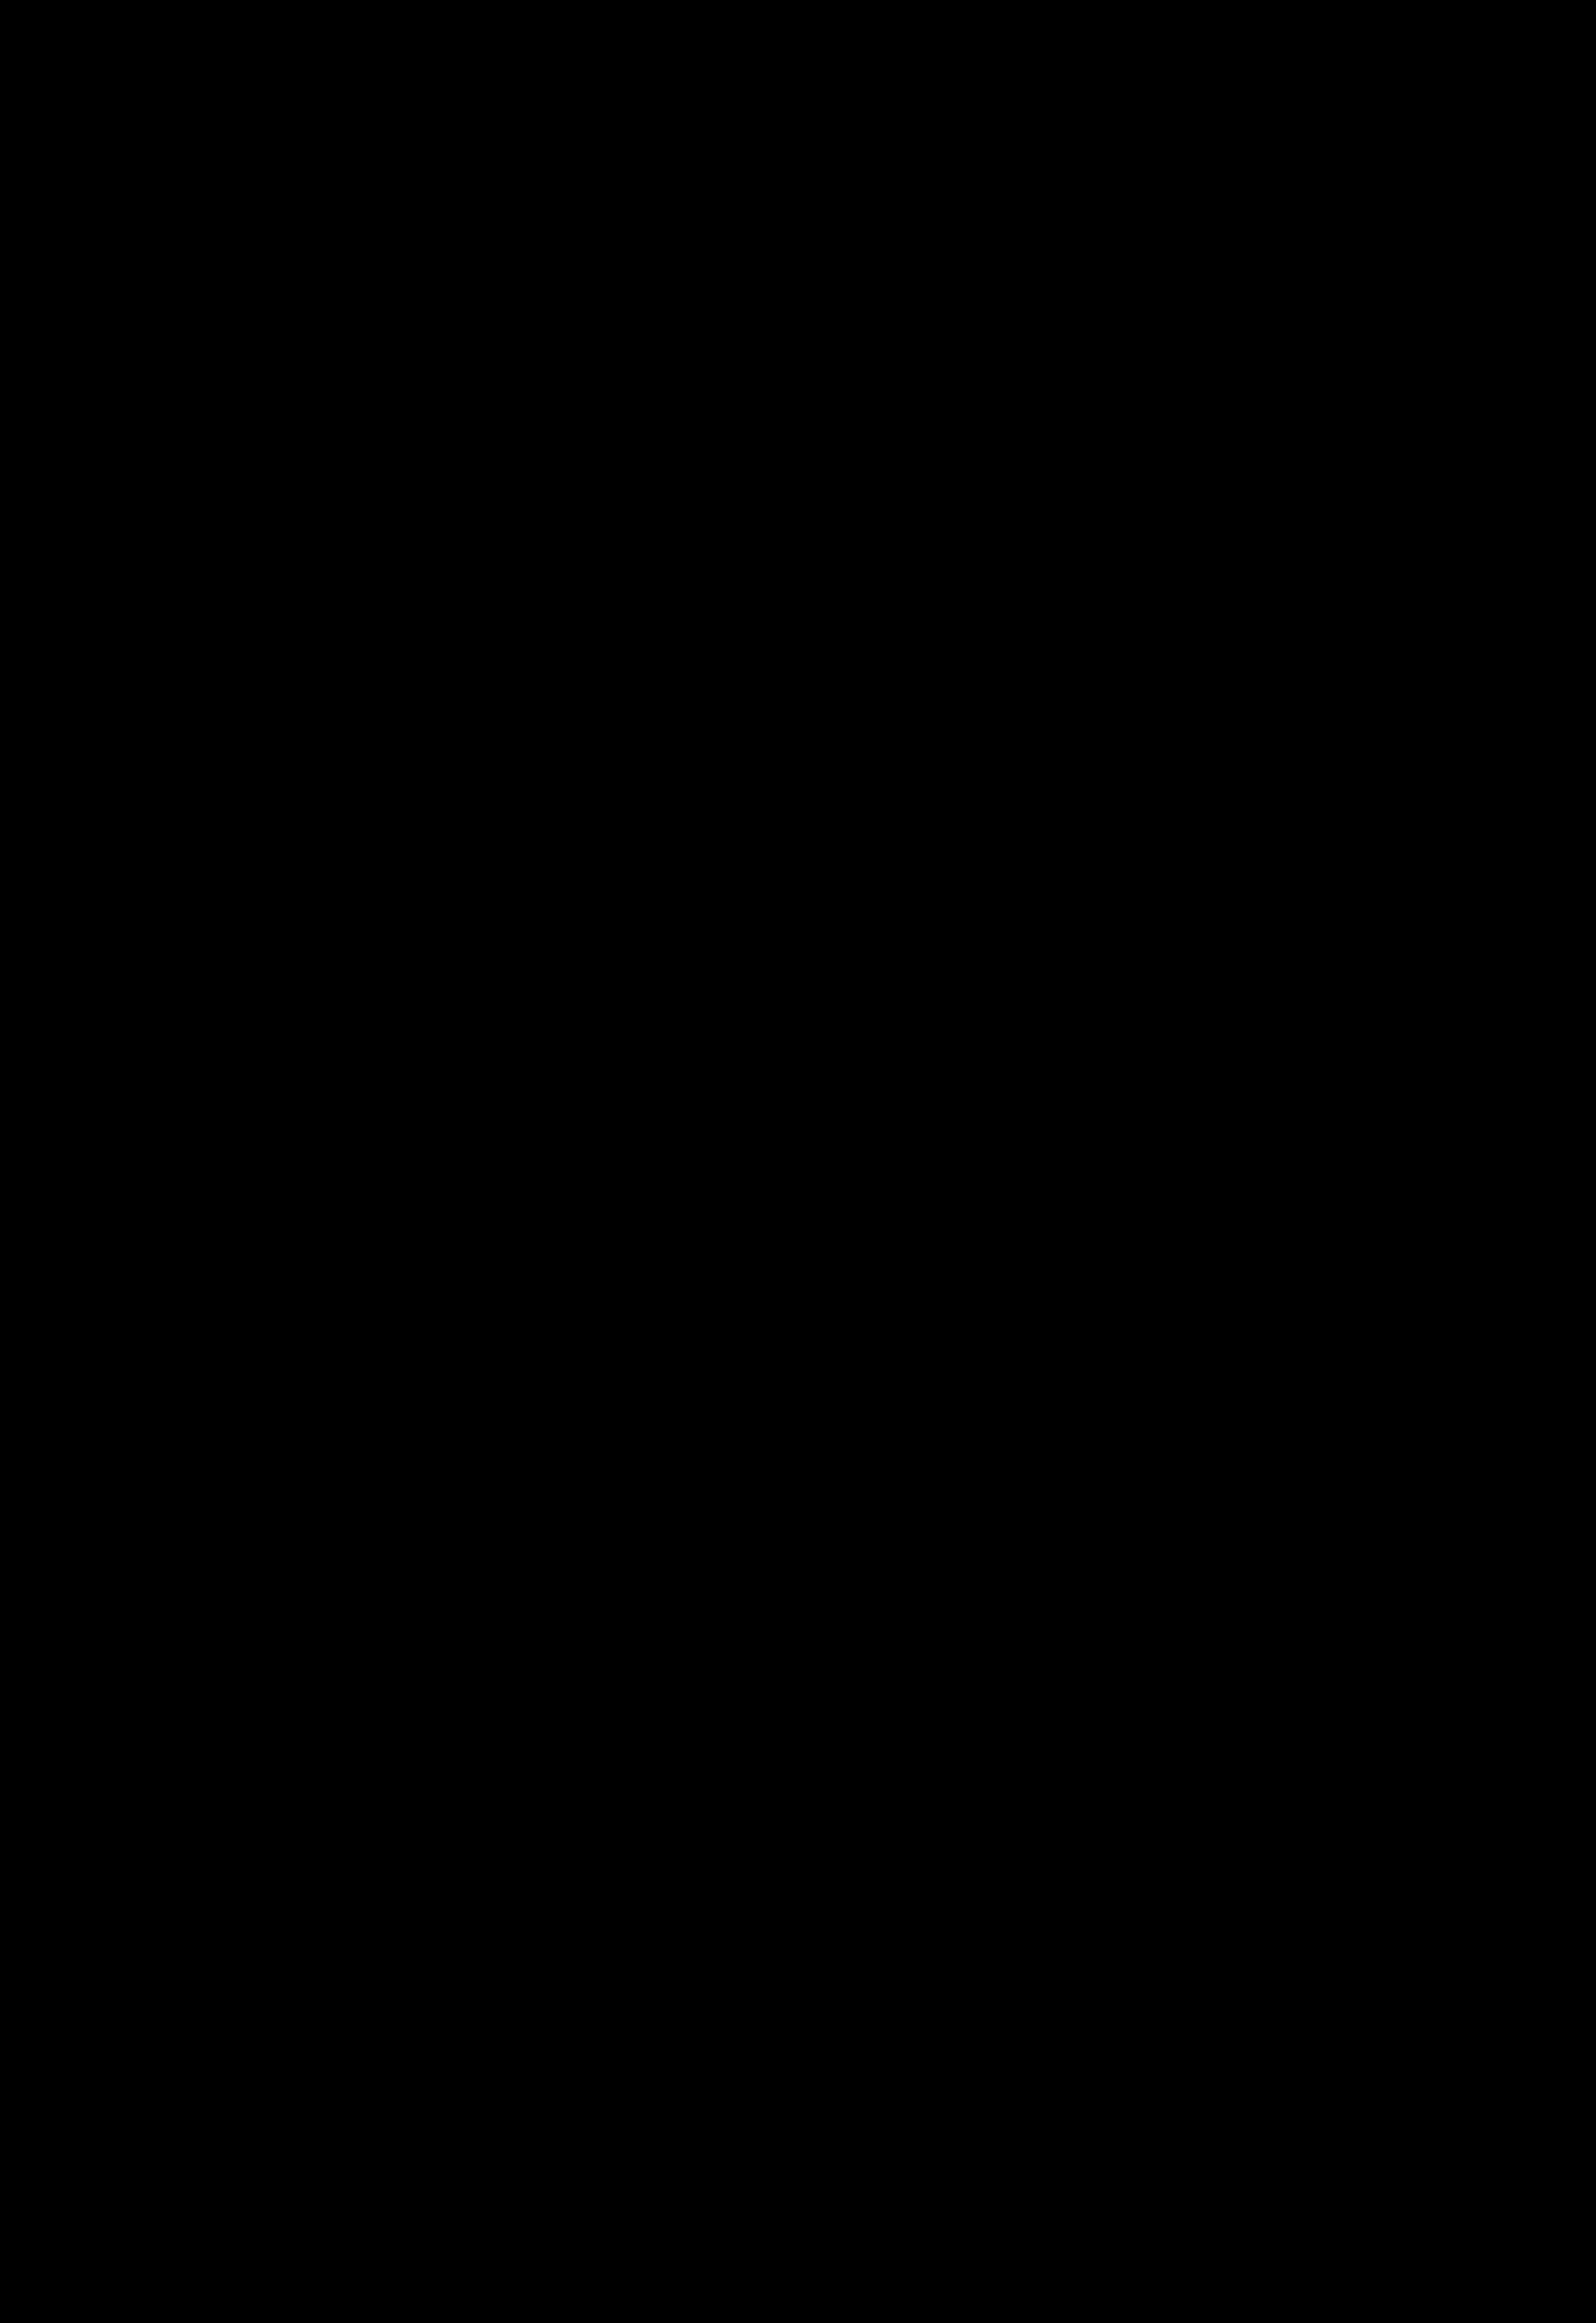 Festival littéraire itinérant : les littératures nomades.